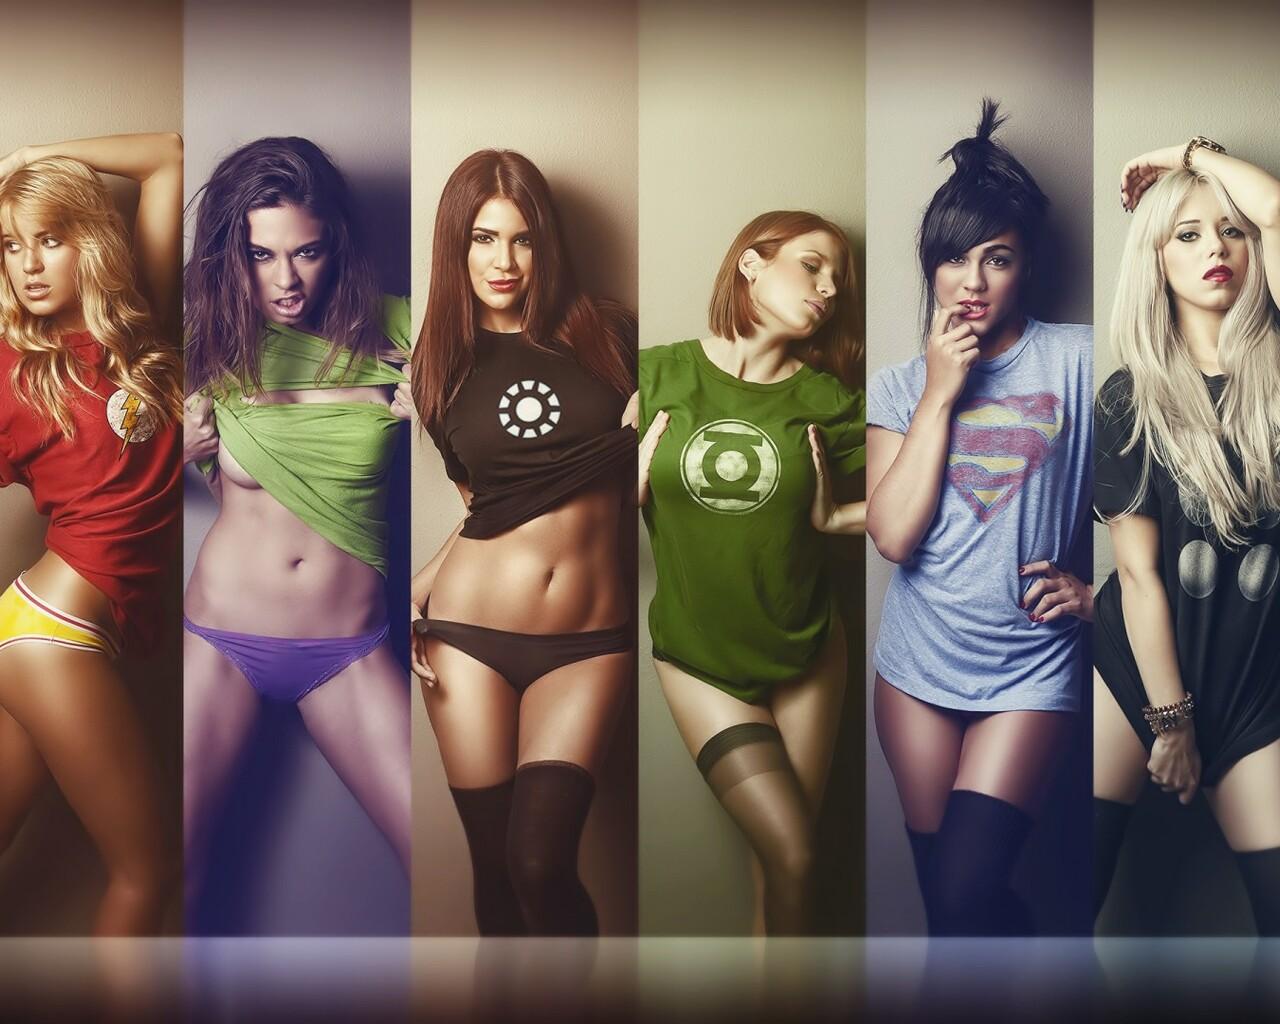 обои на рабочий стол девушки в футболках супергероев № 243110  скачать